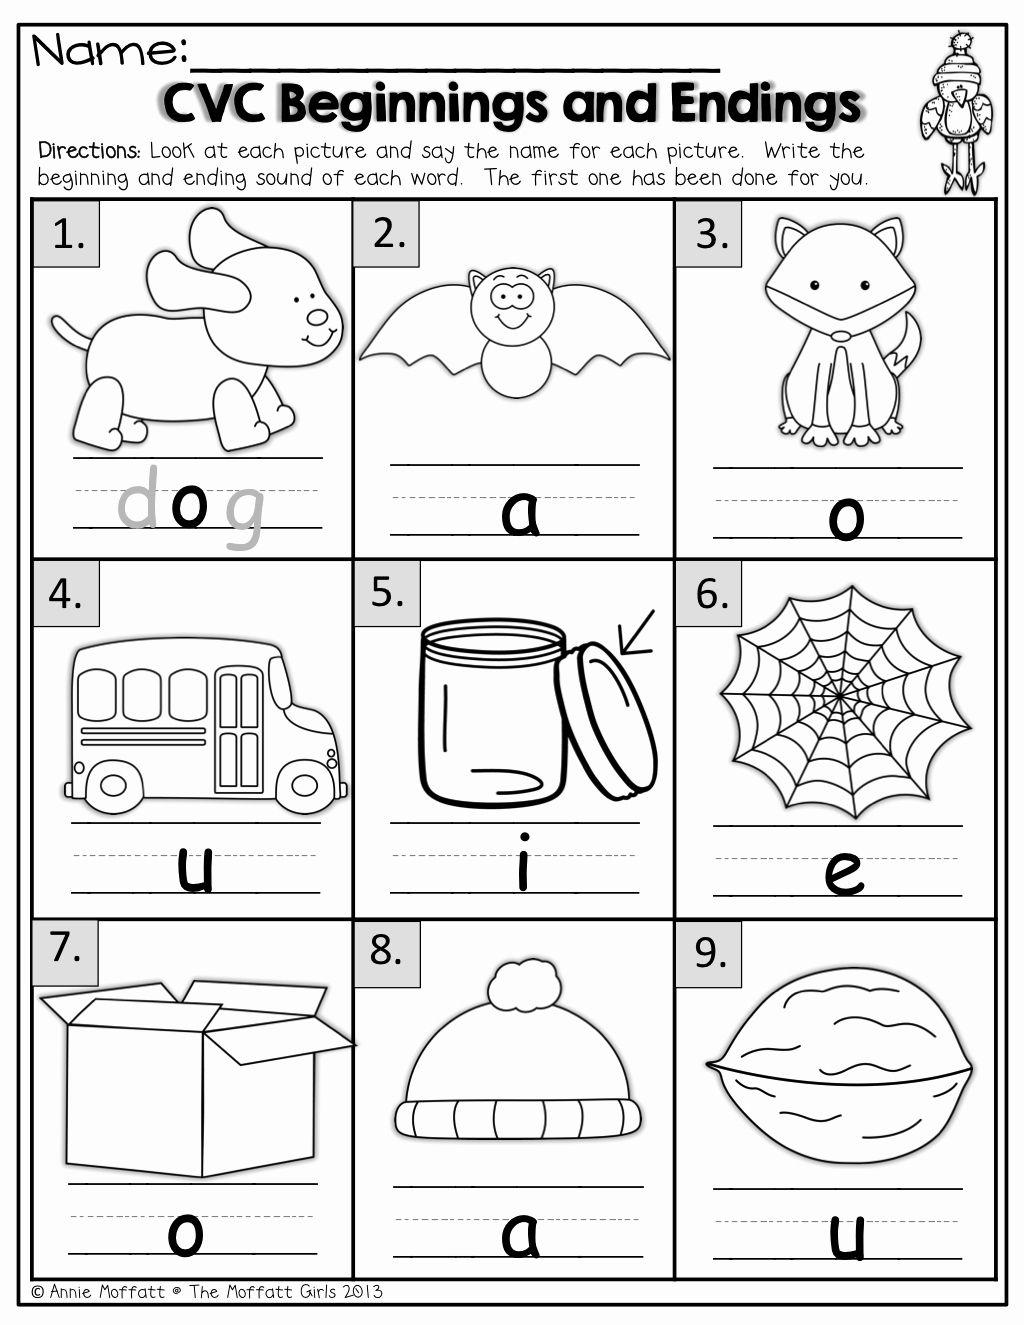 Worksheets For Kindergarten Cvc Words Servicenumber